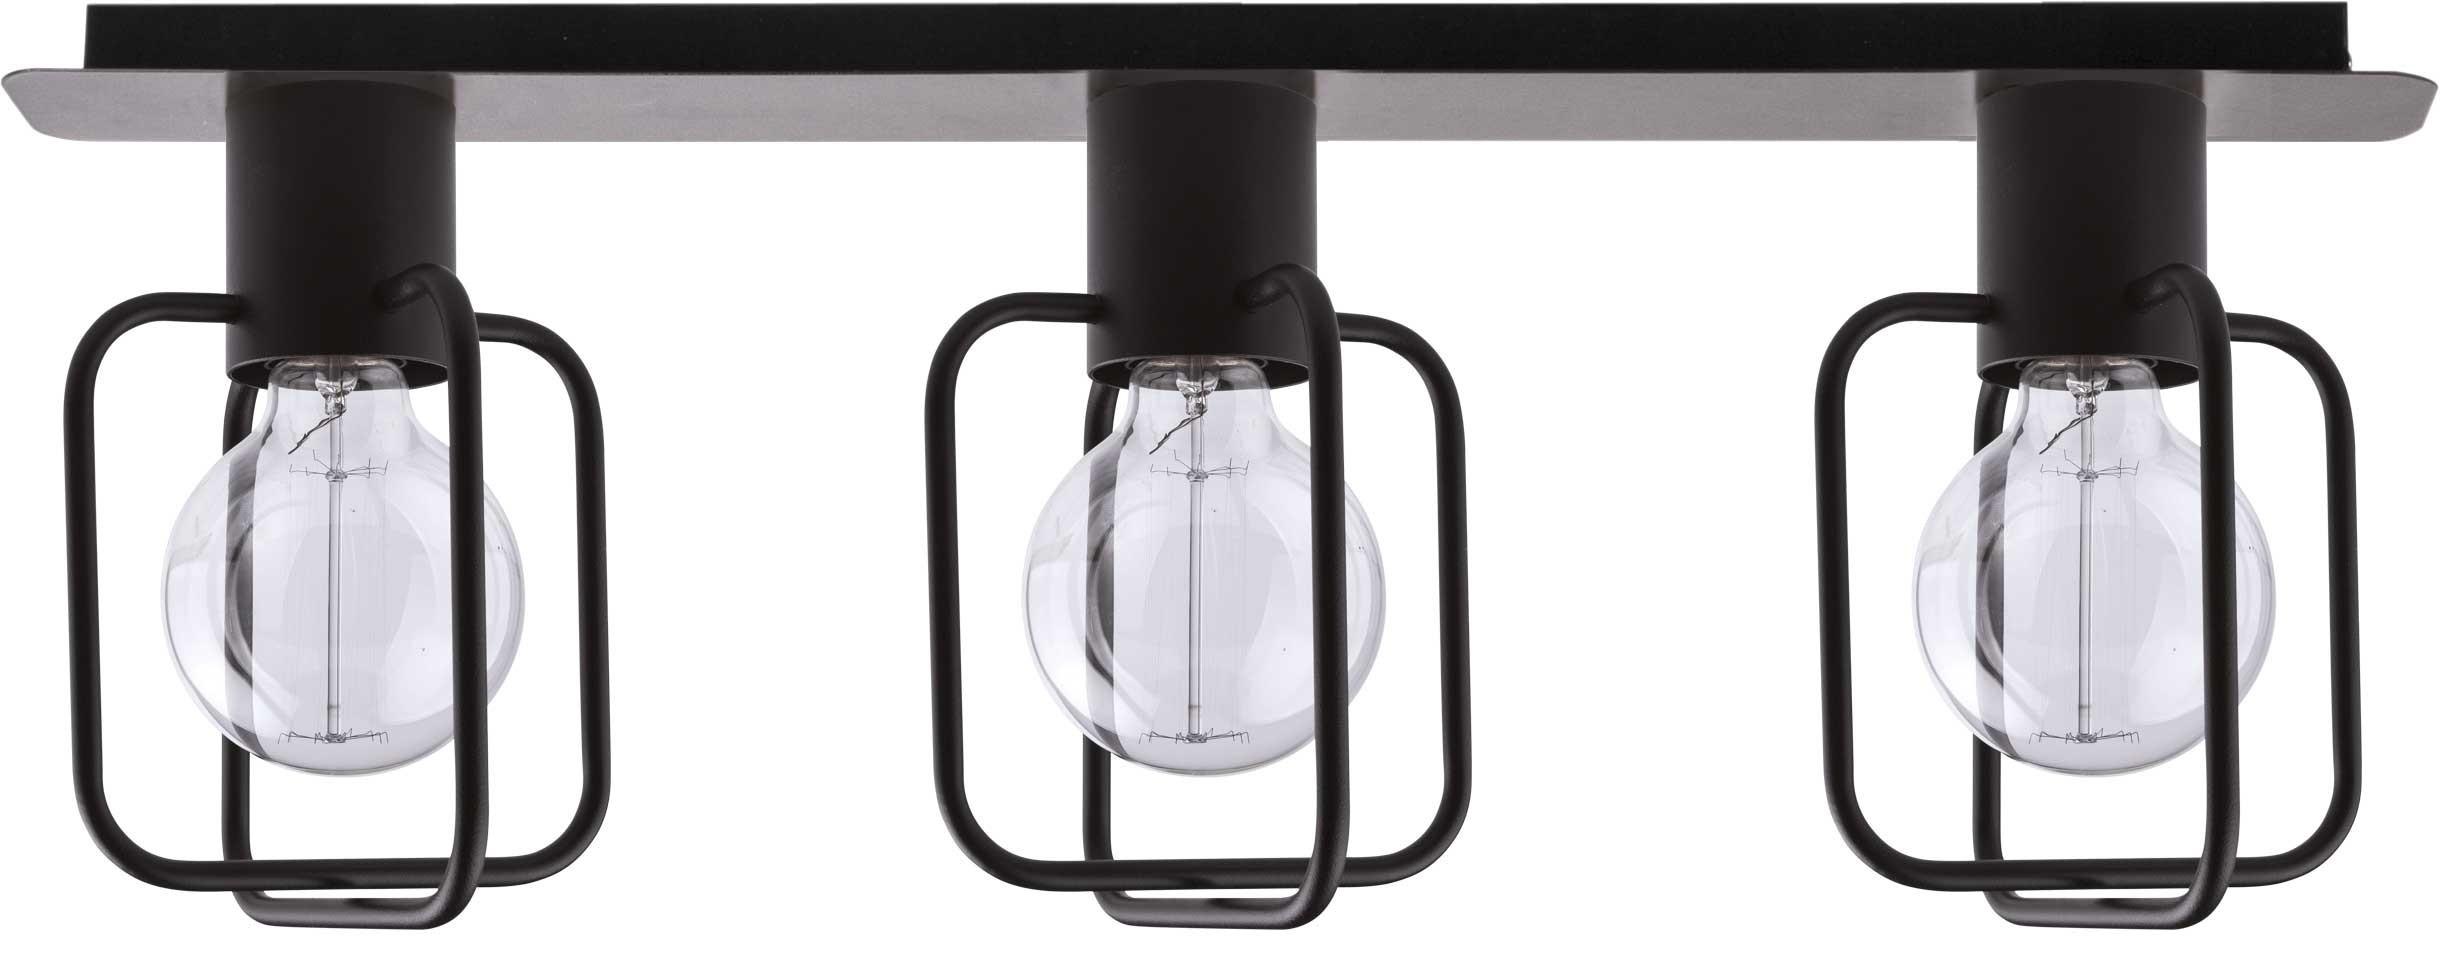 Lampa sufitowa Aura kwadrat 3 czarna 31115 - Sigma Do -17% rabatu w koszyku i darmowa dostawa od 299zł !